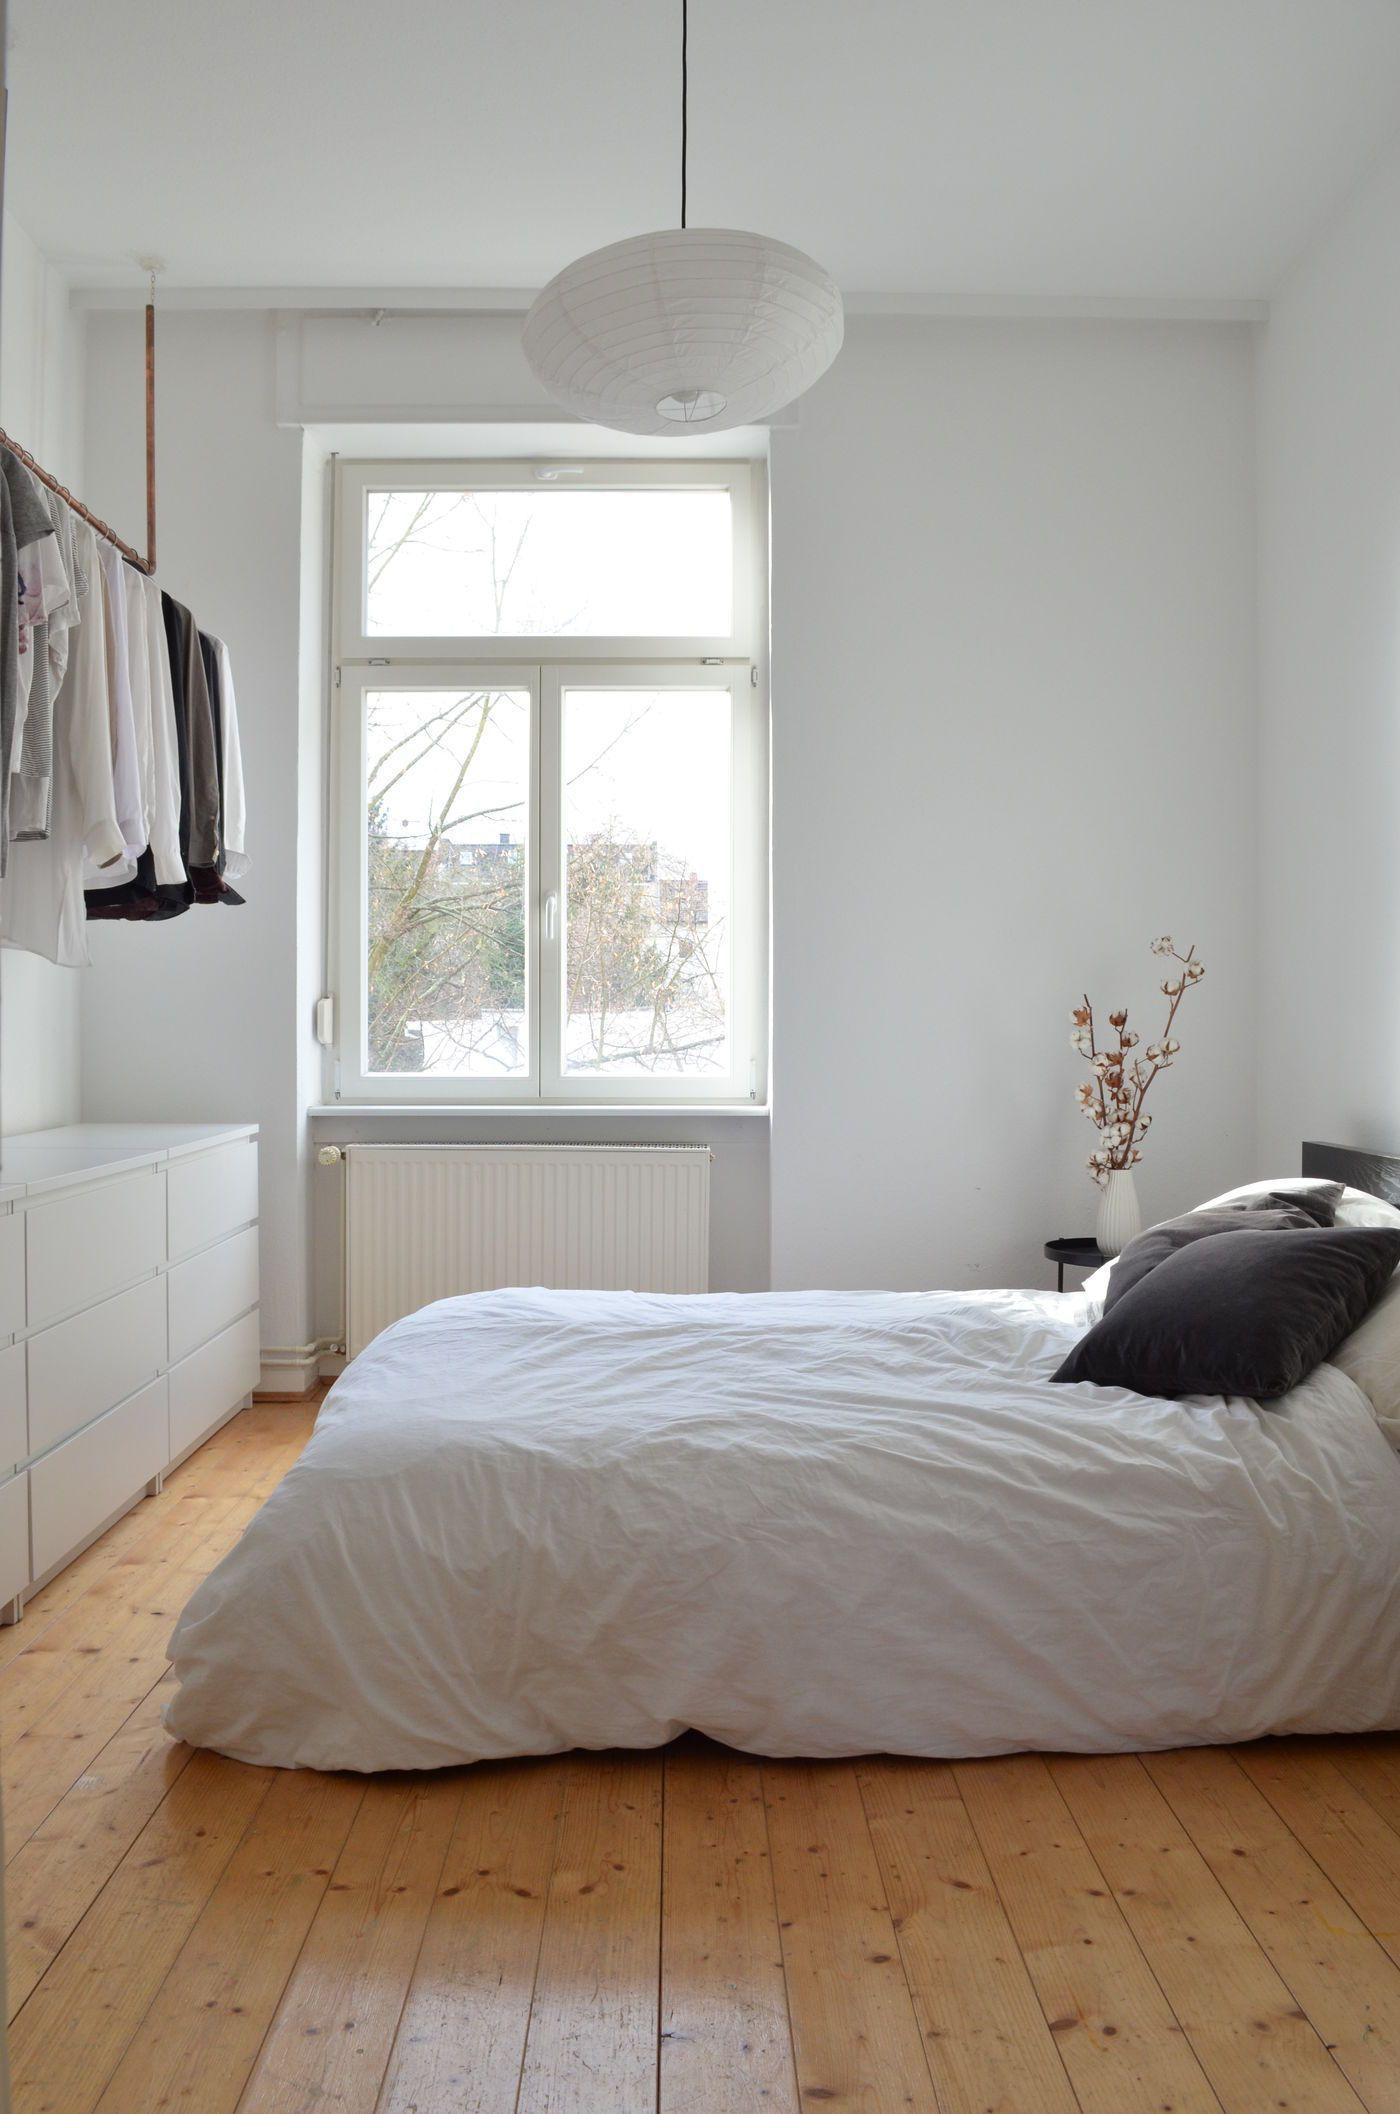 Die Schonsten Ideen Fur Dein Ikea Schlafzimmer Minimalist Home Bedroom Decor Home